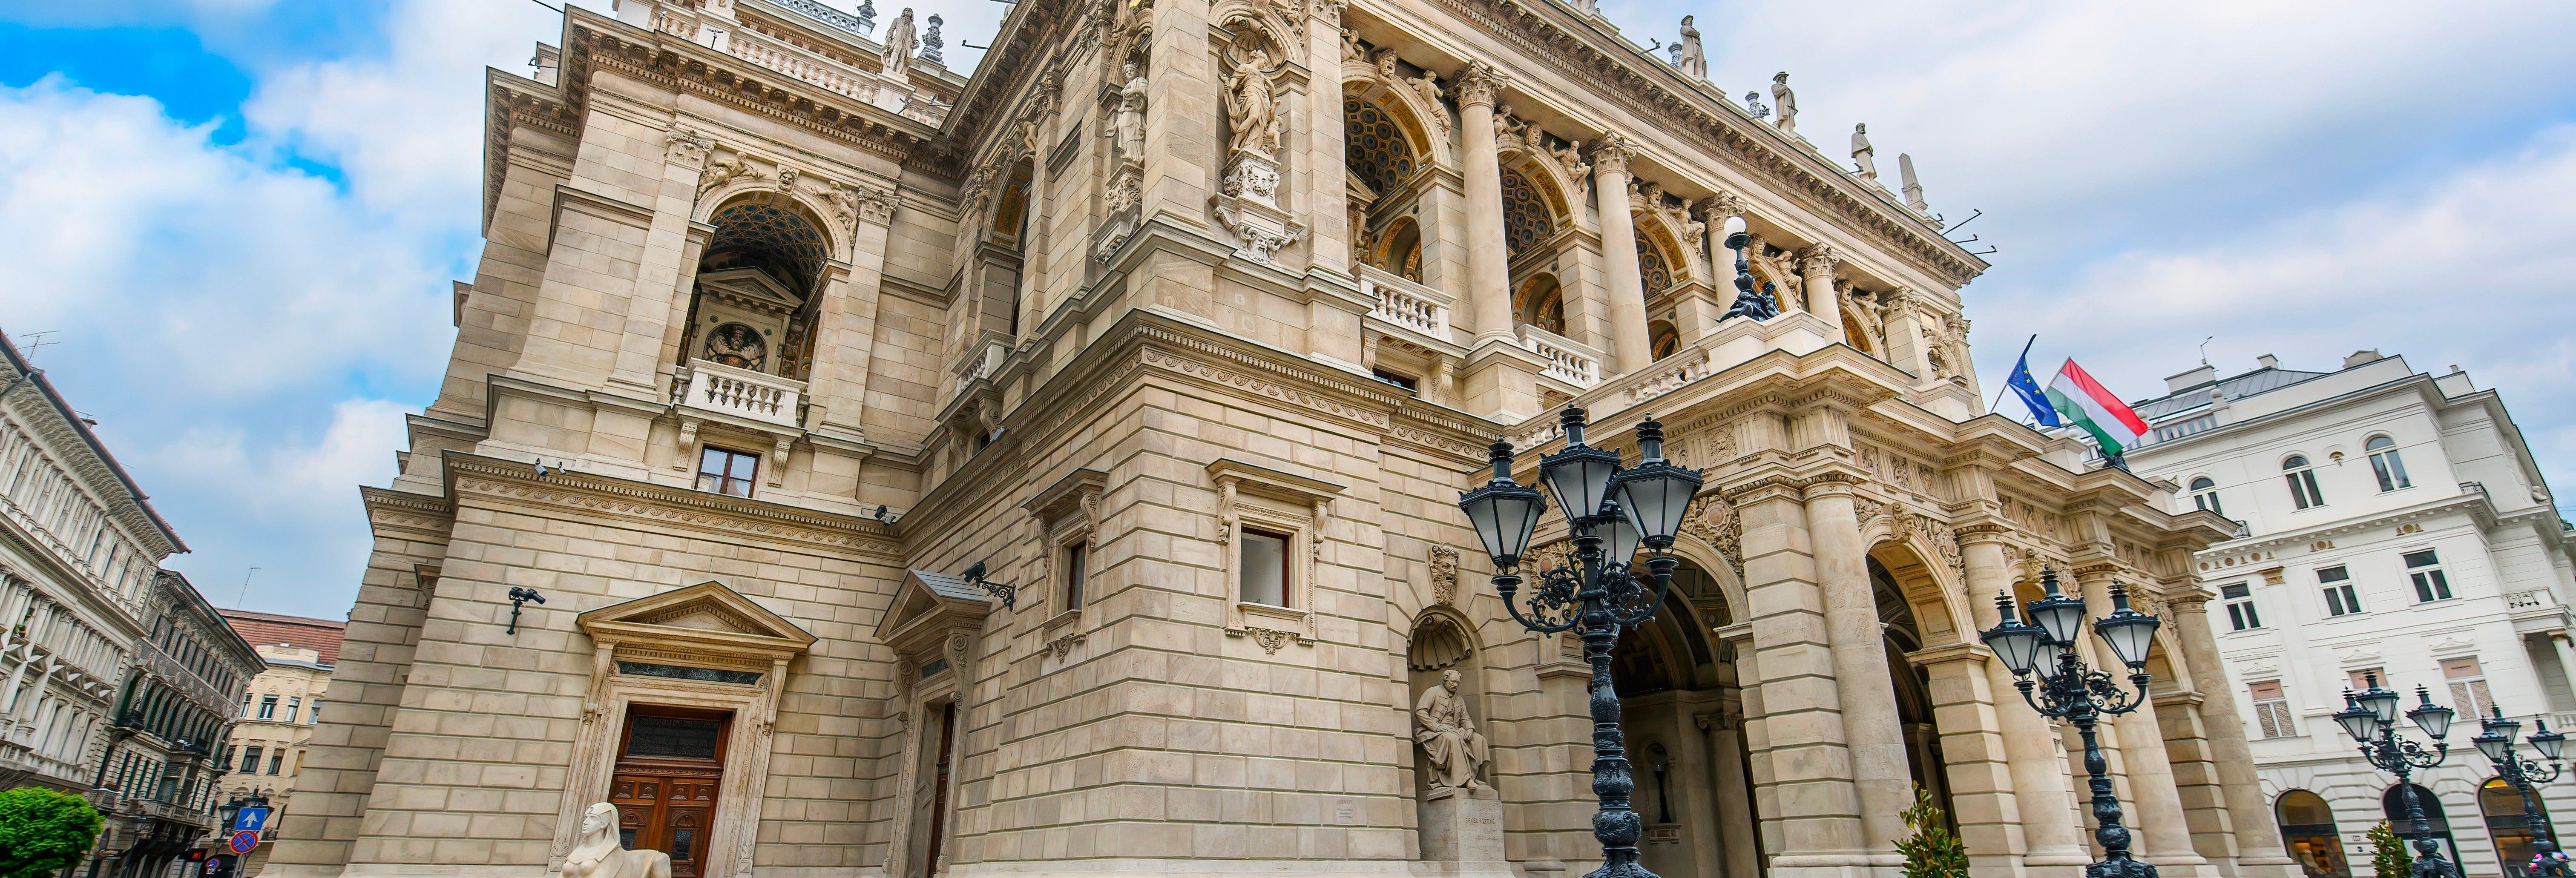 Visita guidata dell'Opera di Budapest